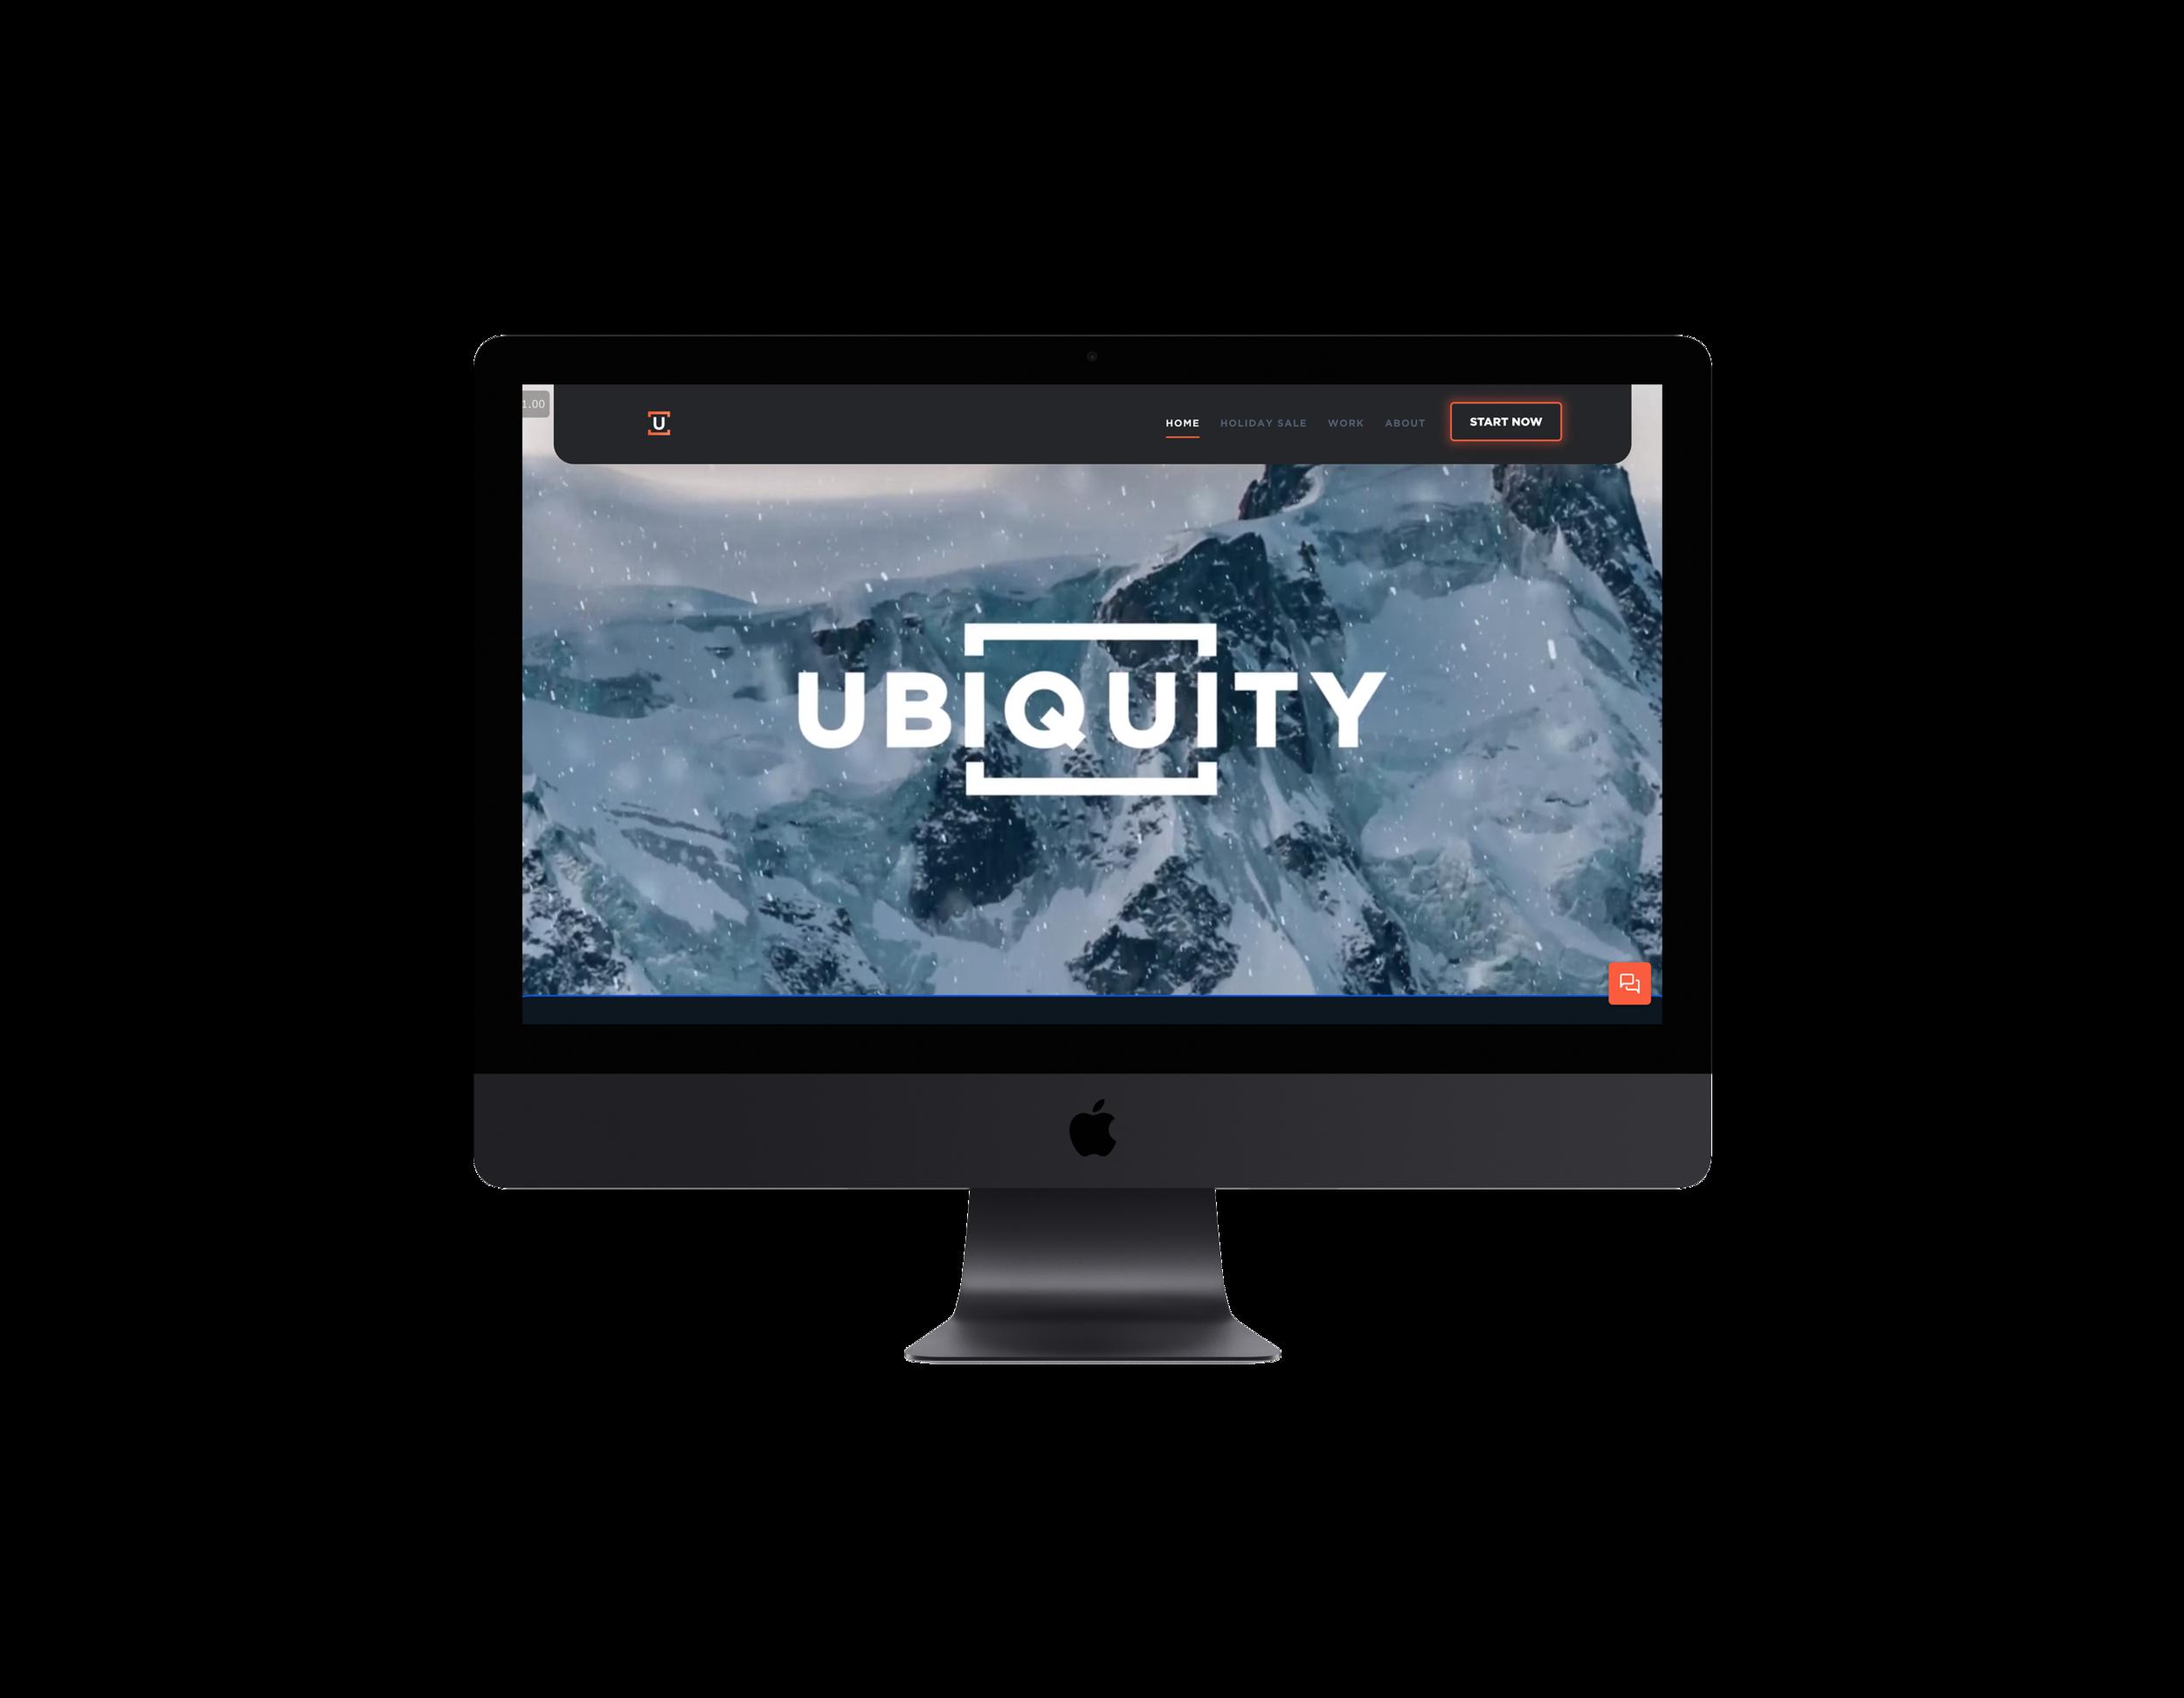 iMac Pro Ubiquity Home.png